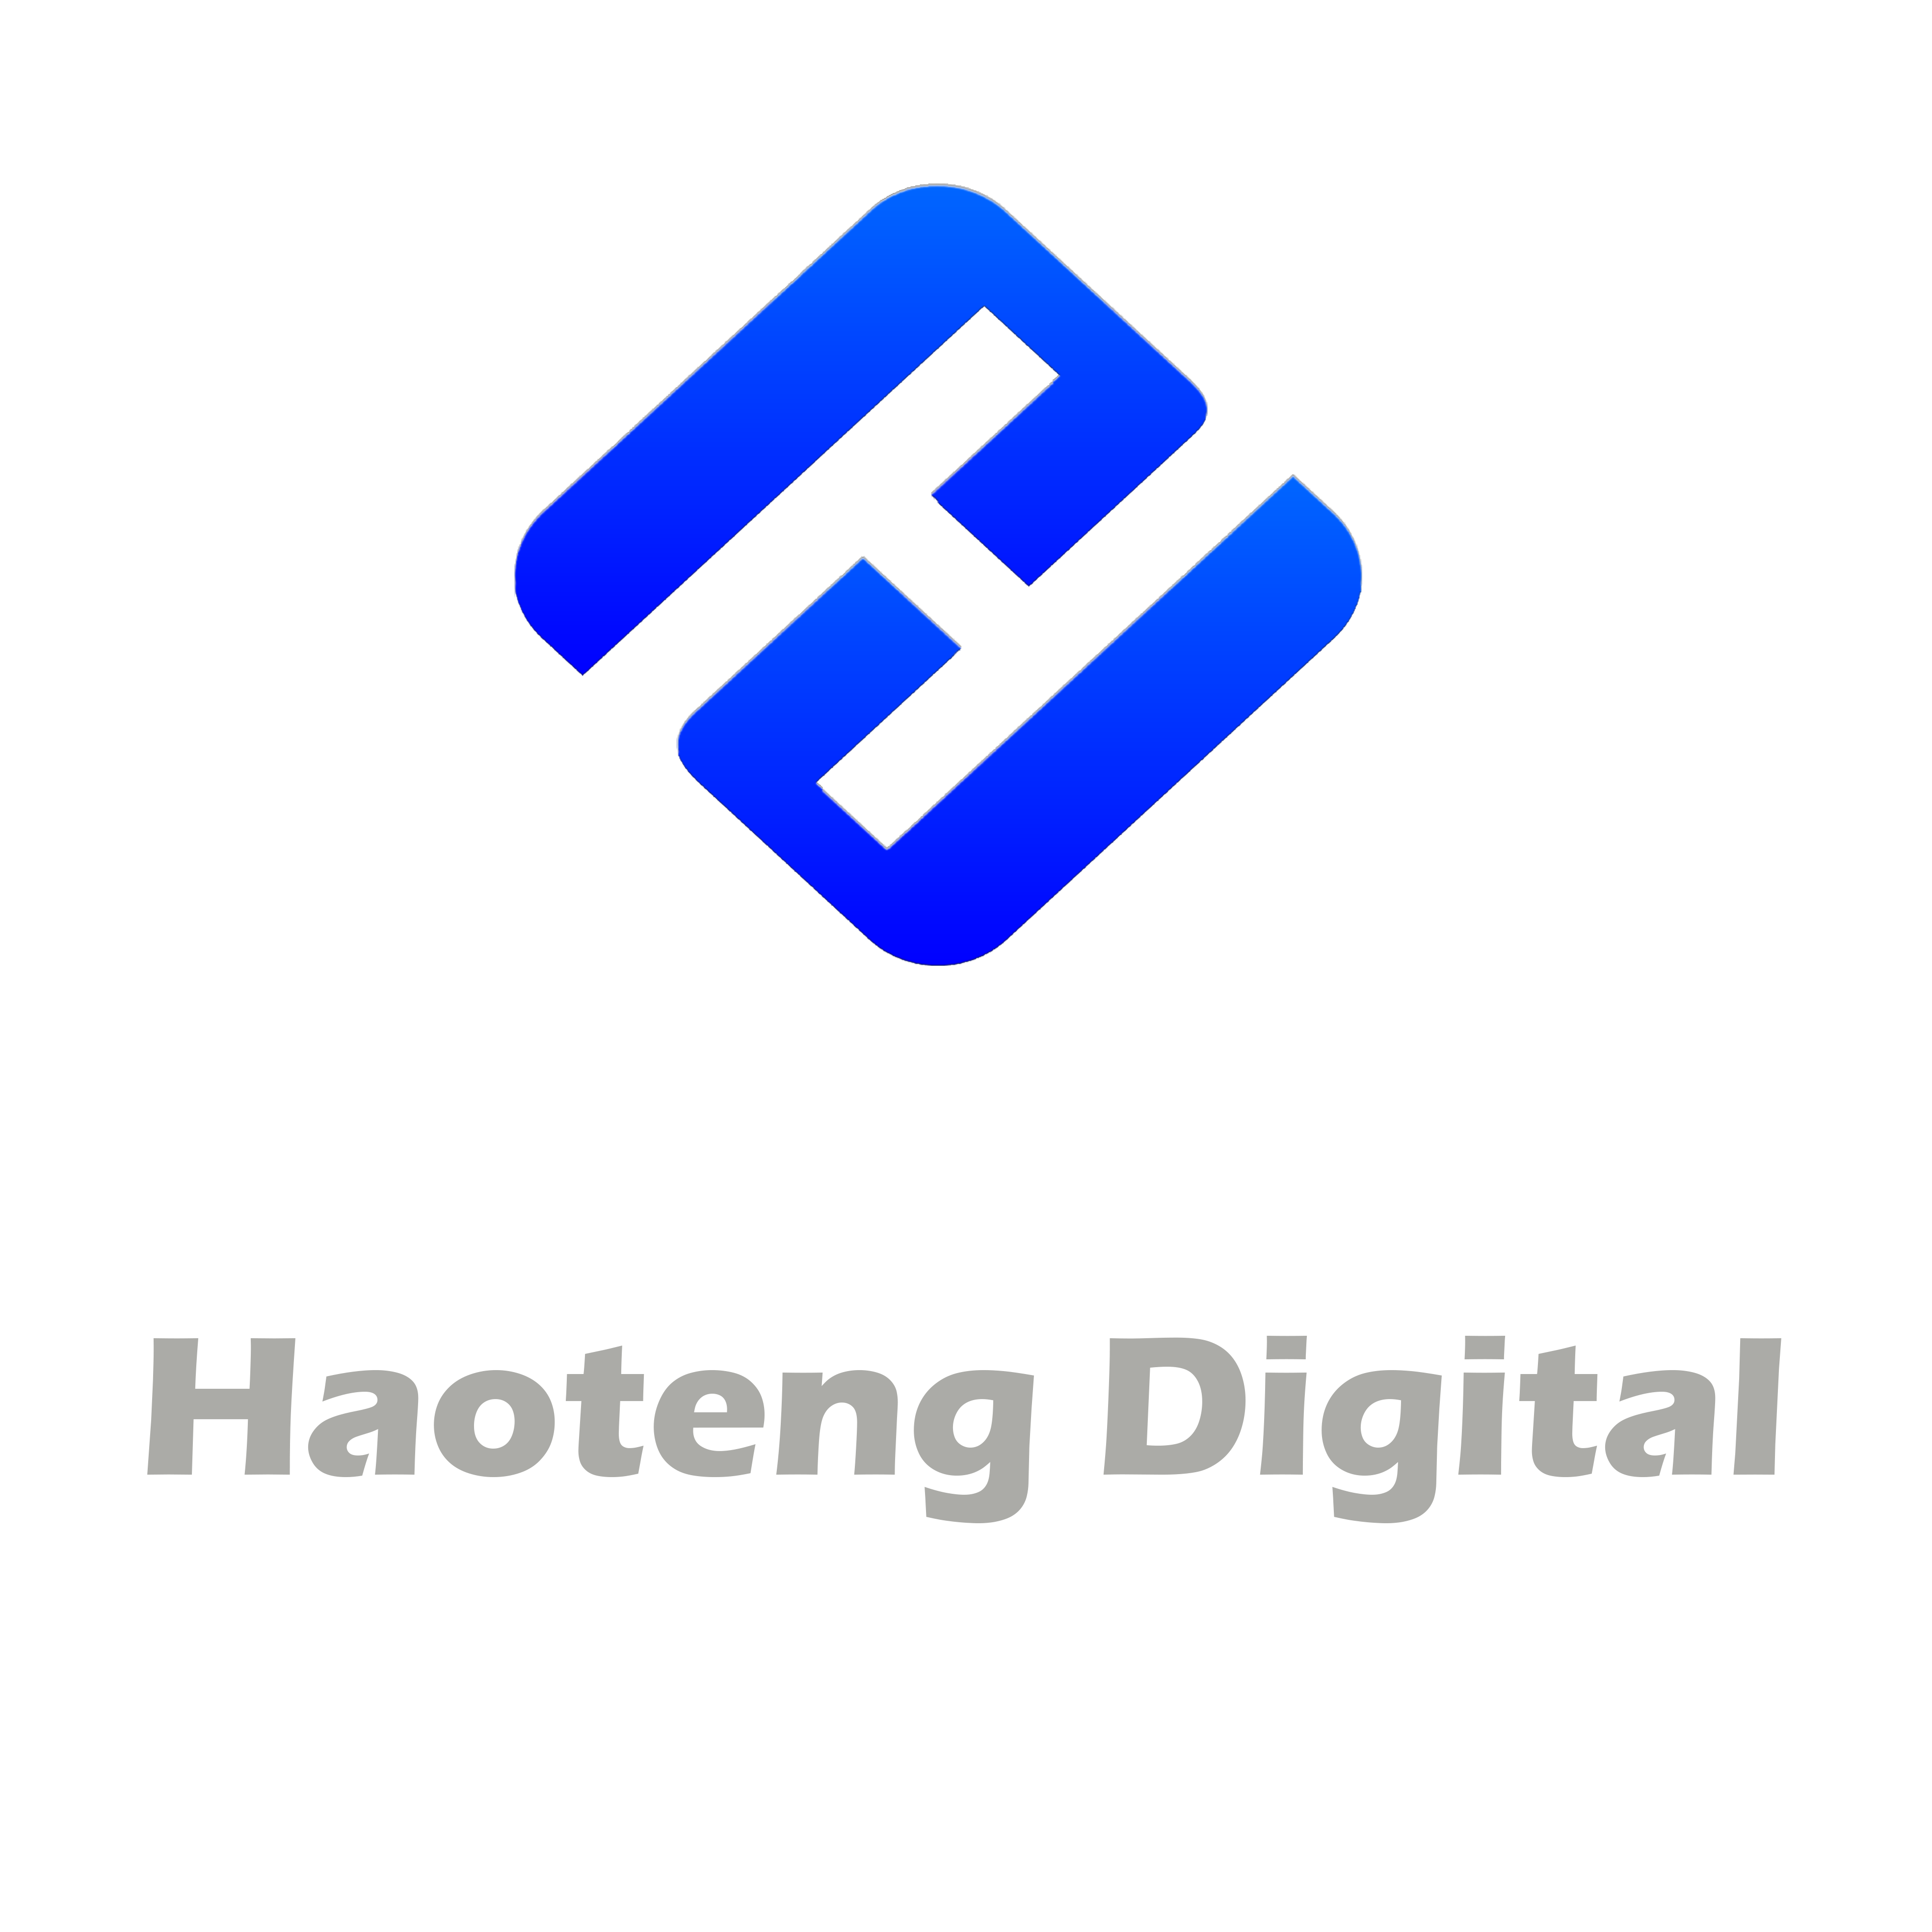 浩腾数字科技获得北疆汇德投资,启动数字智能项目持股孵化